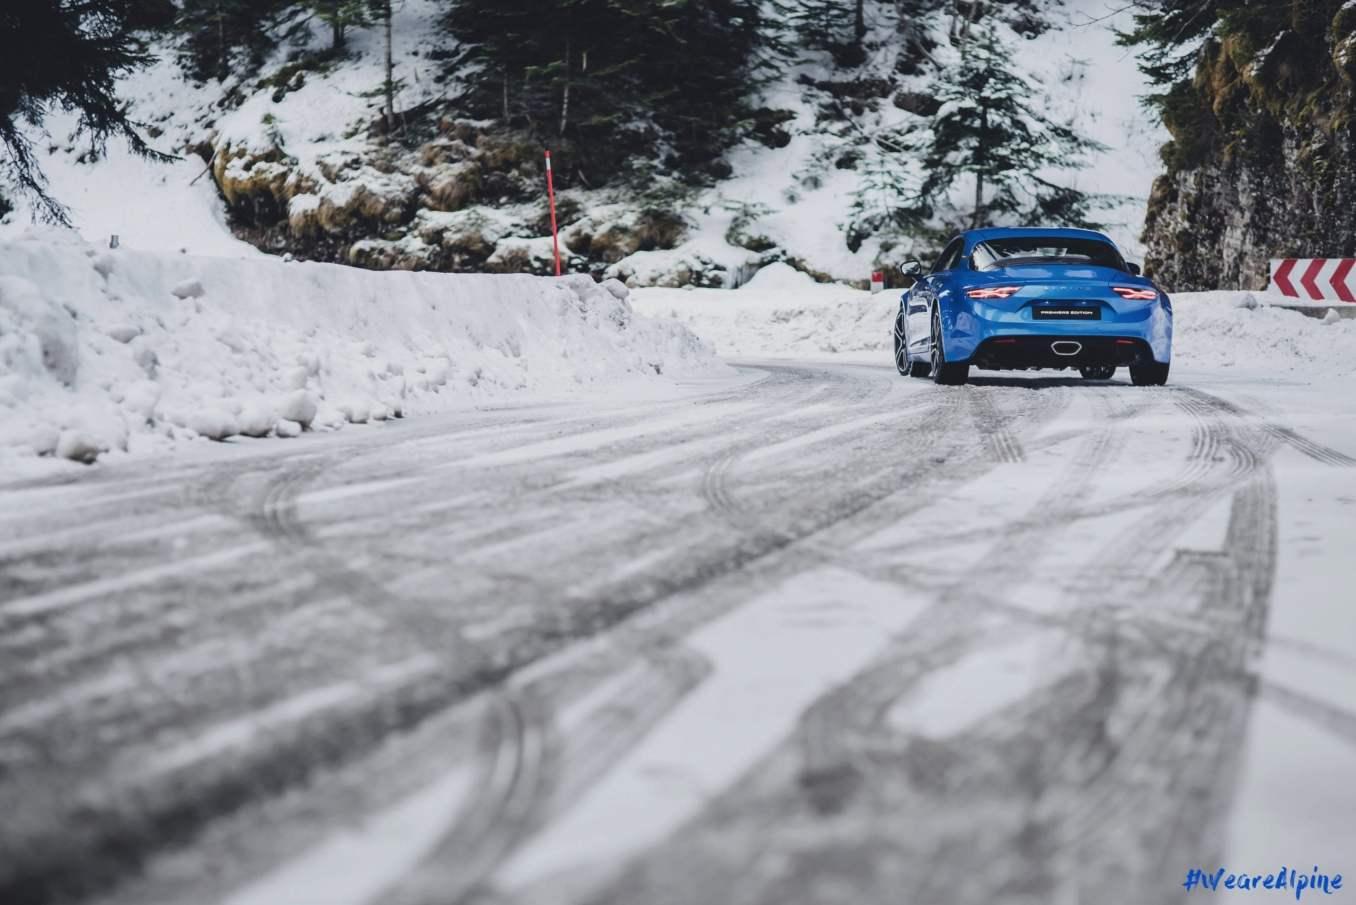 Genève 2017 Alpine A110 Premiere edition officielle 16 imp scaled | Salon de Genève 2017, toutes les informations officielles de l'Alpine A110 !